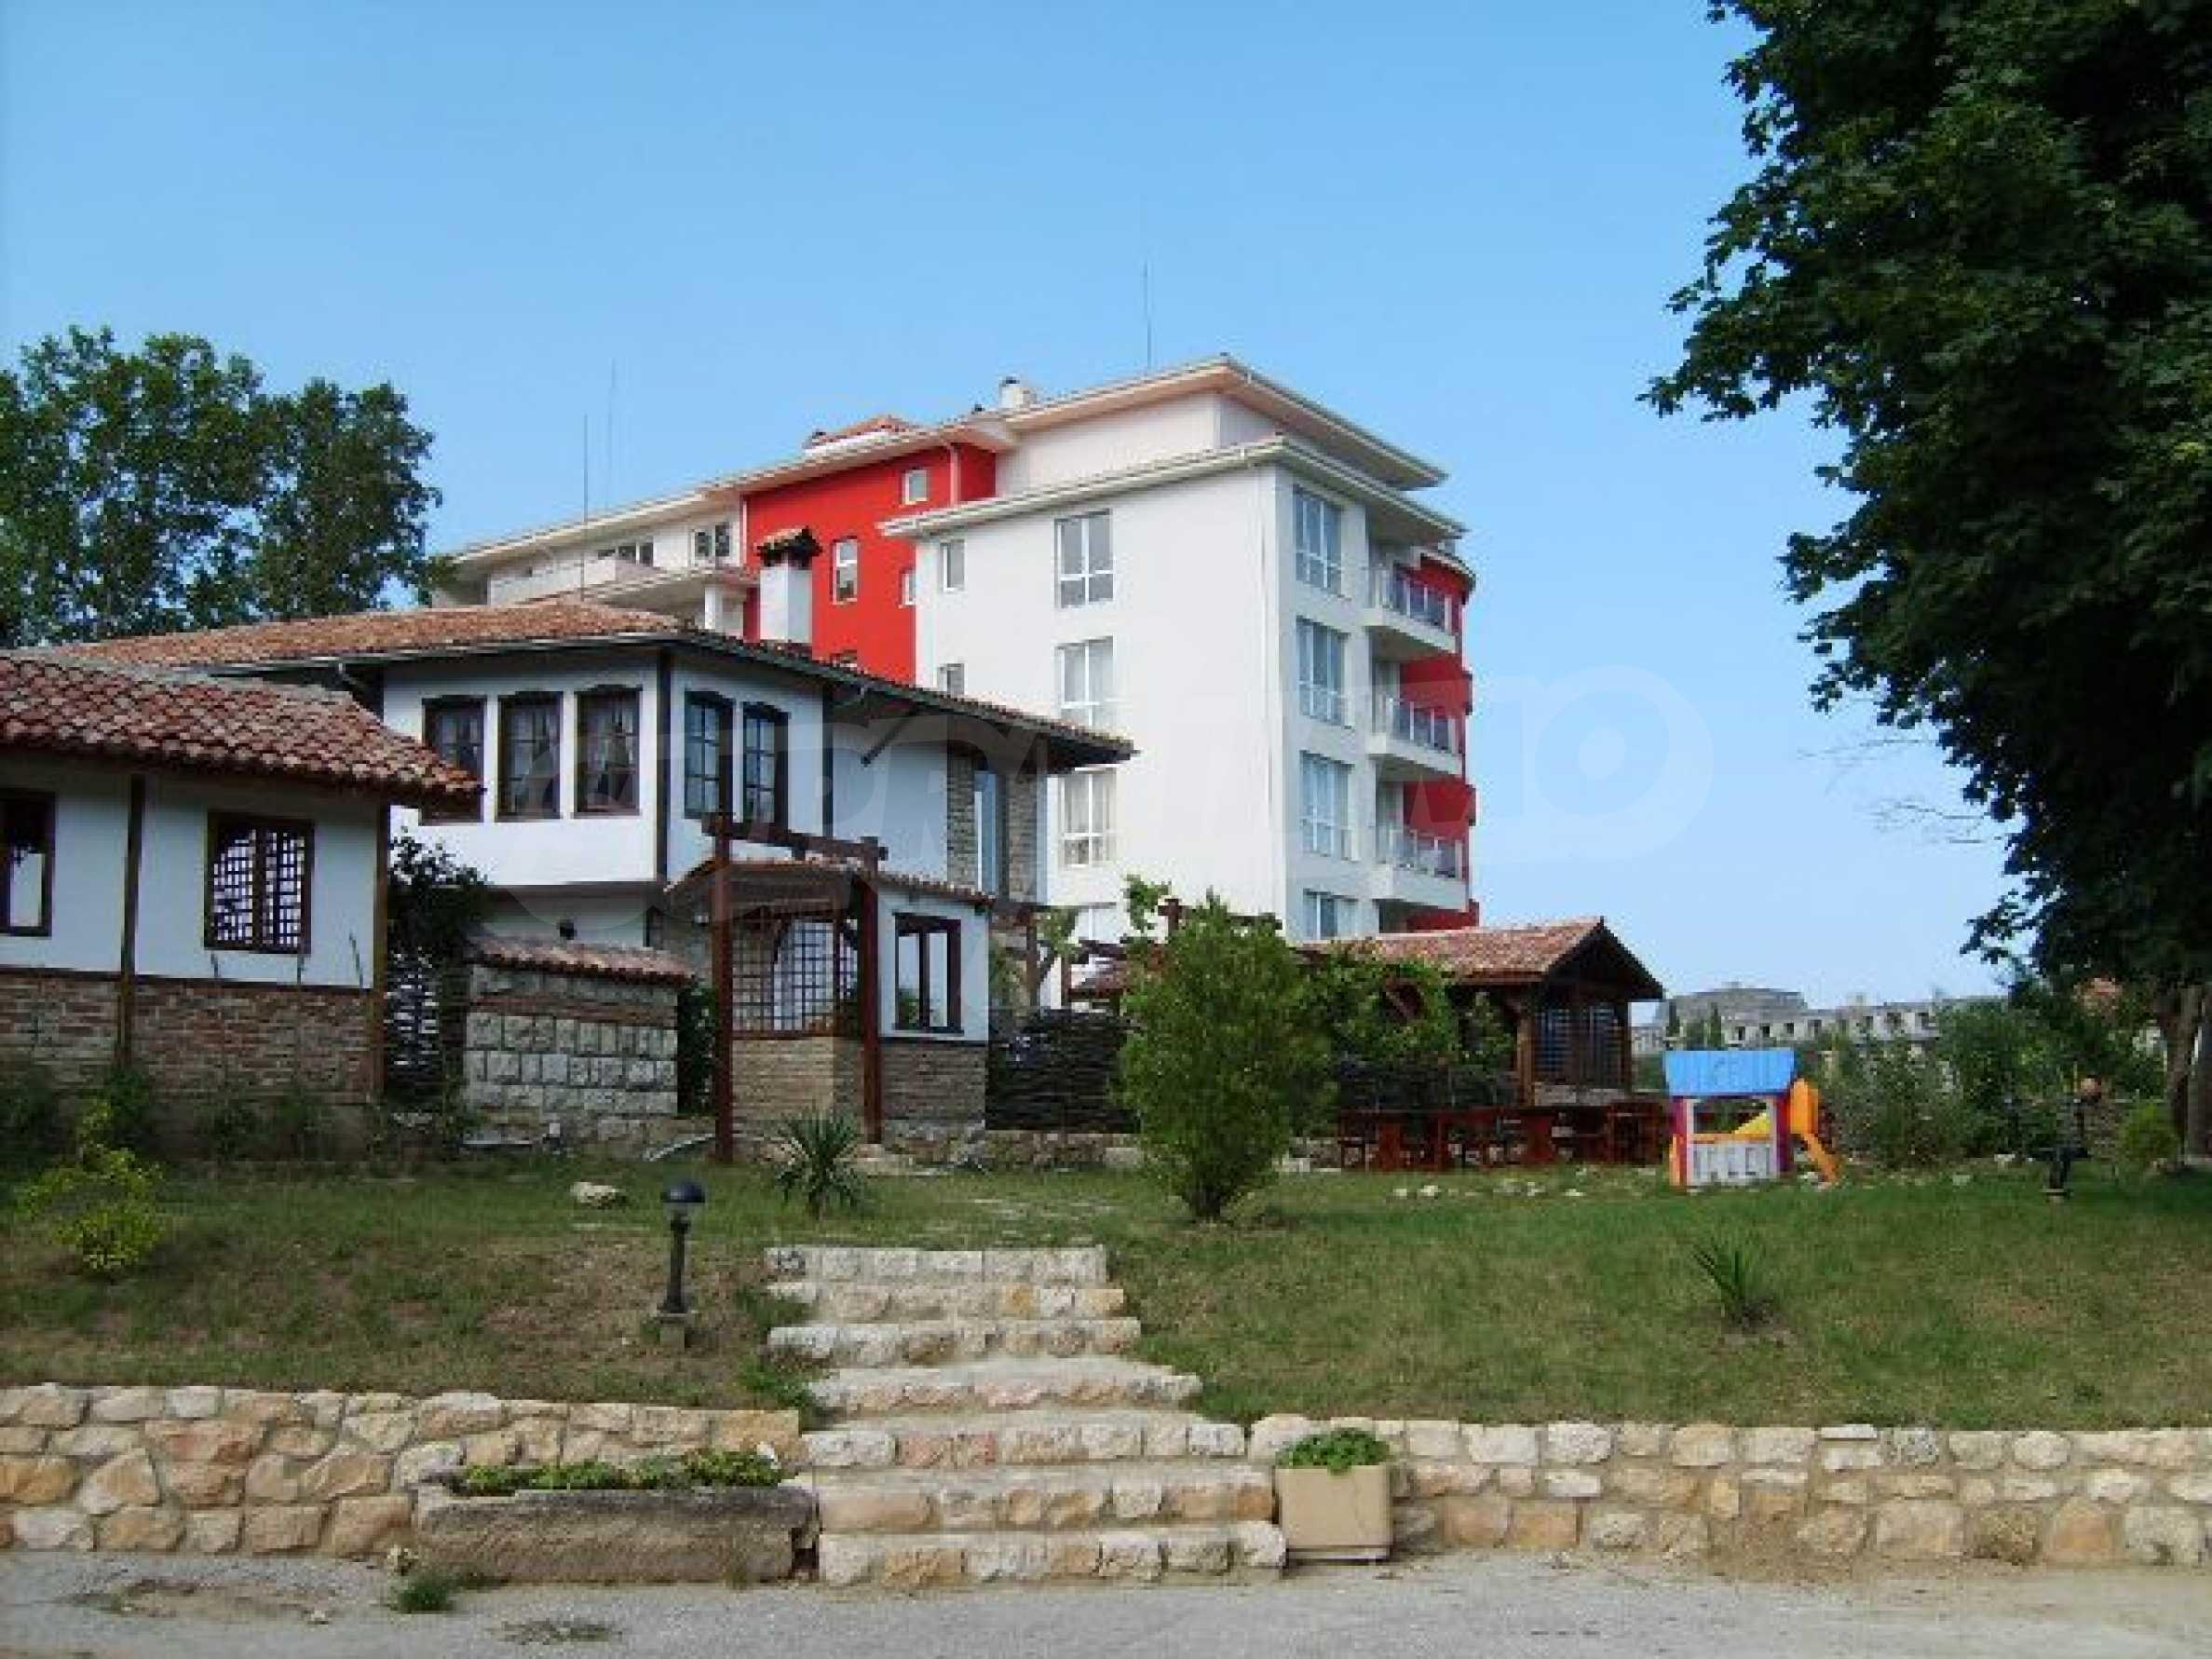 Элитная квартира, расположенная на море в курорте 1